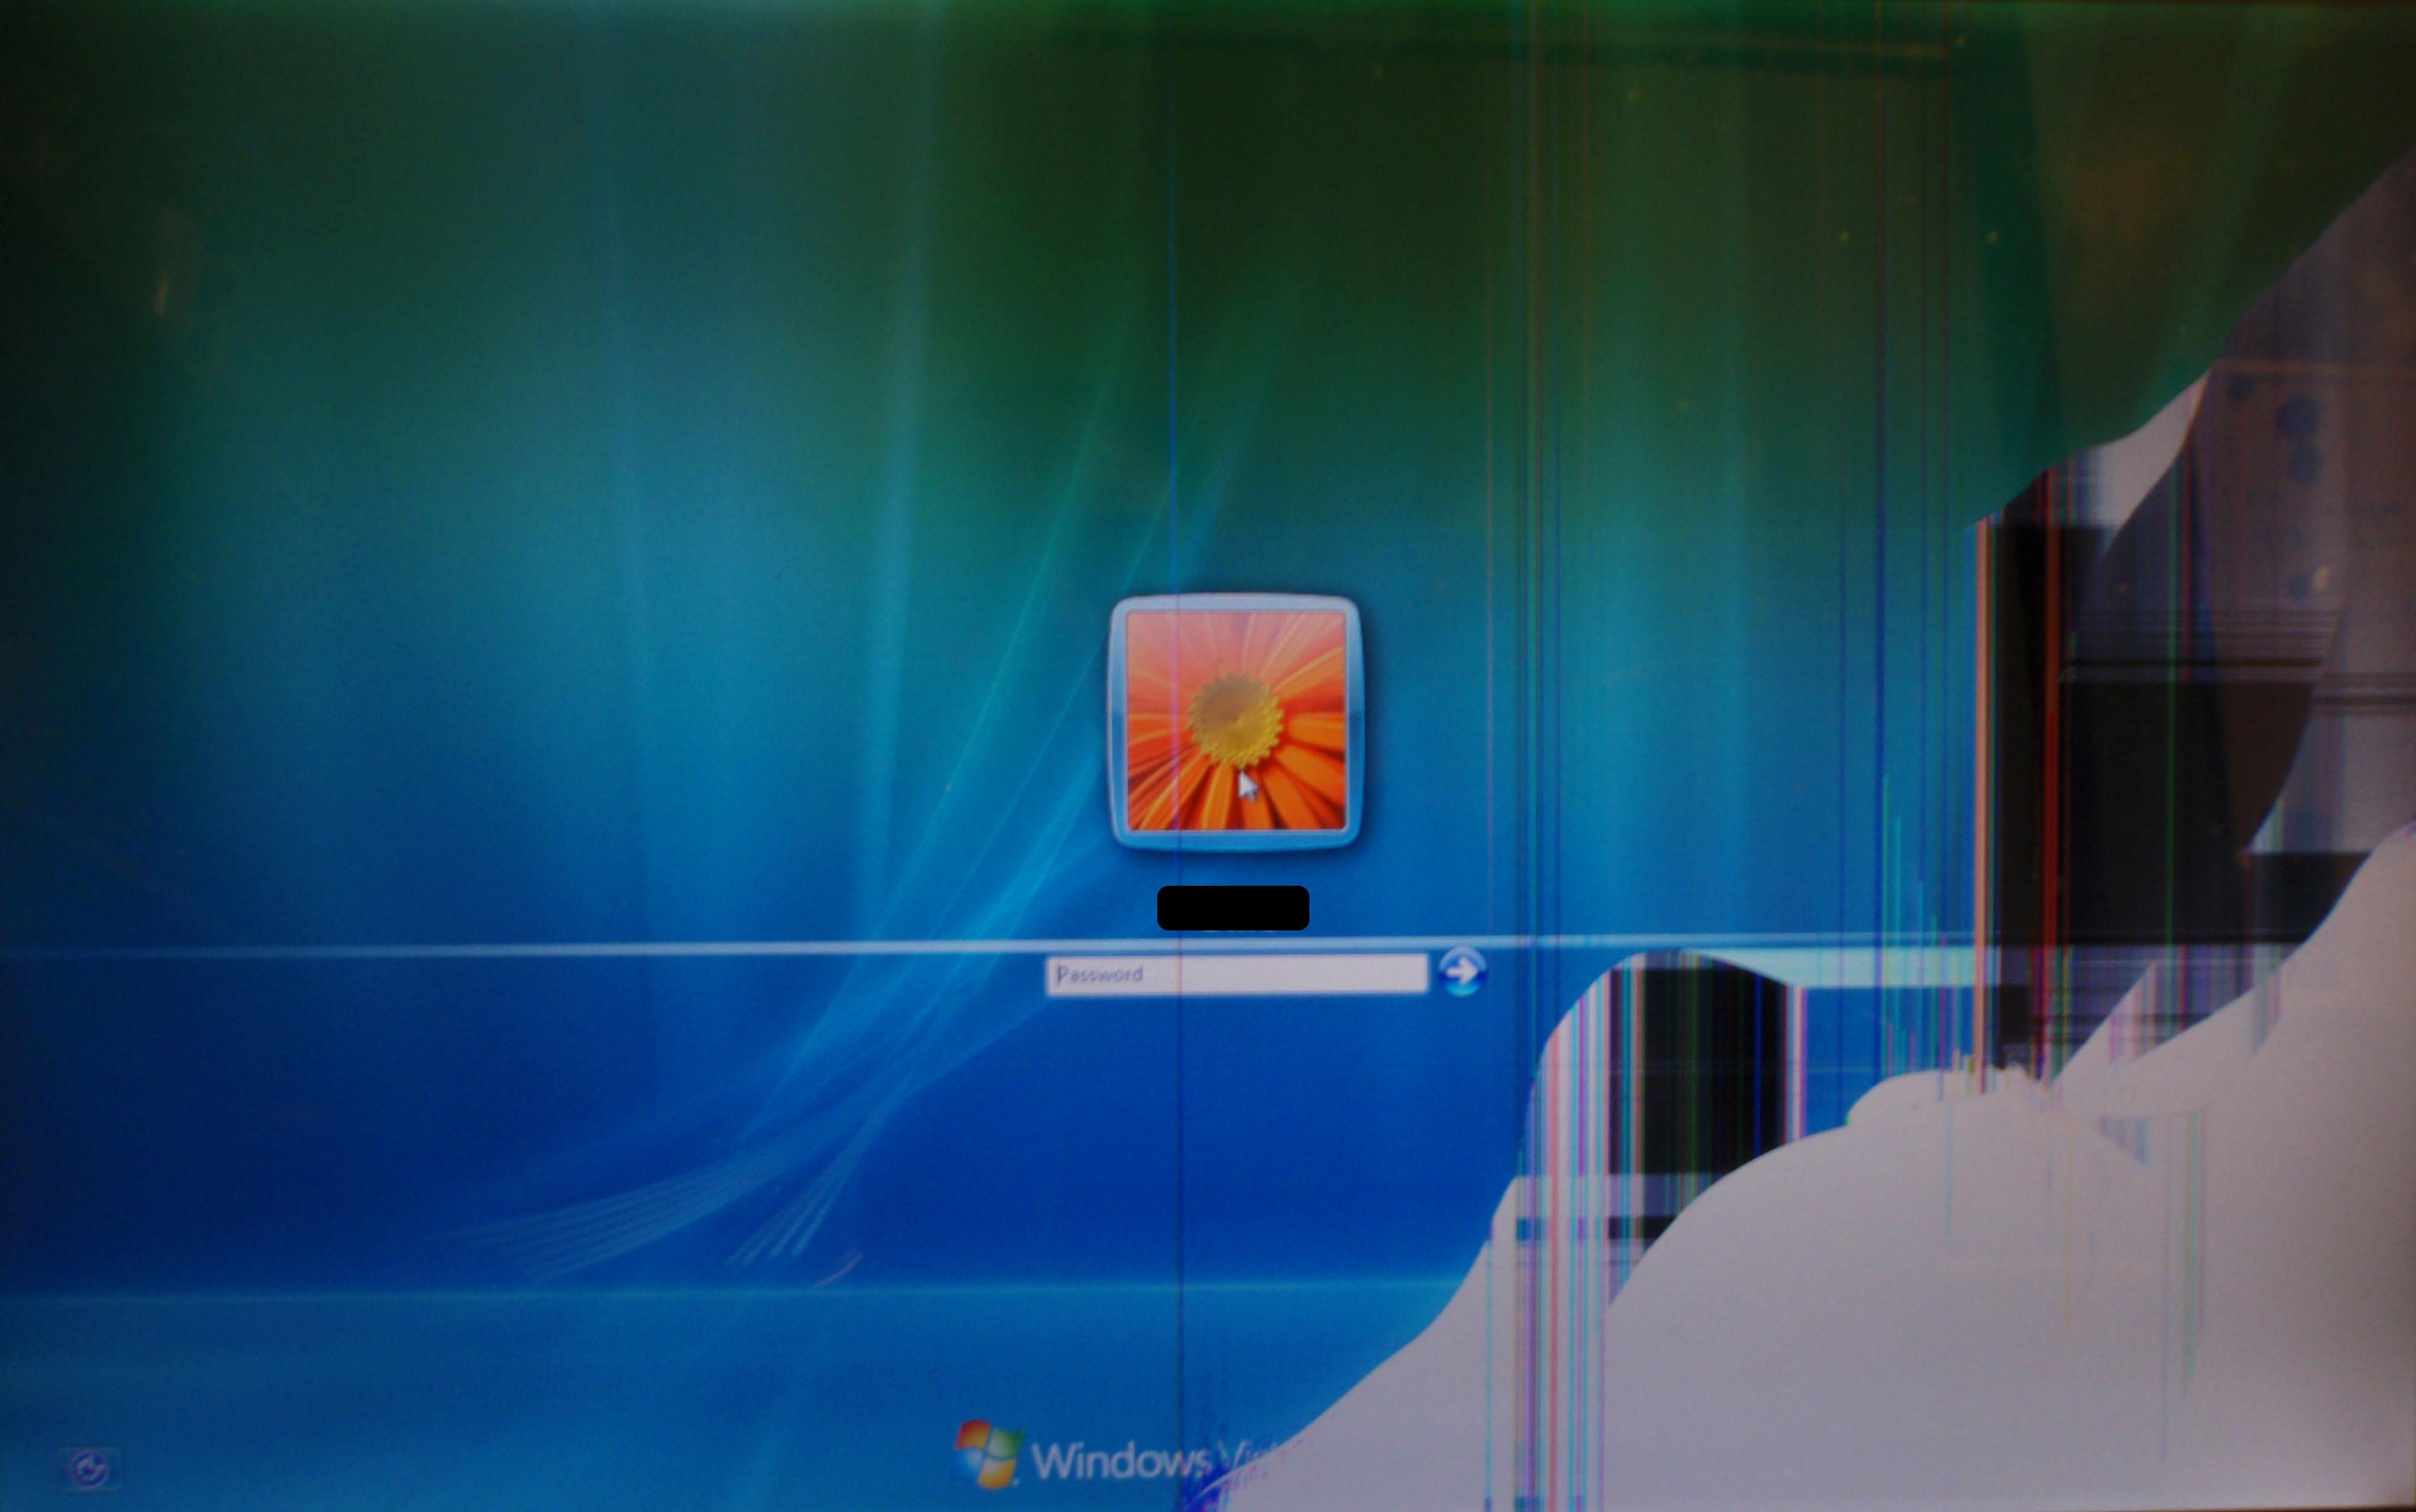 Broken Lcd Screen Wallpaper 62 images 3240x2028